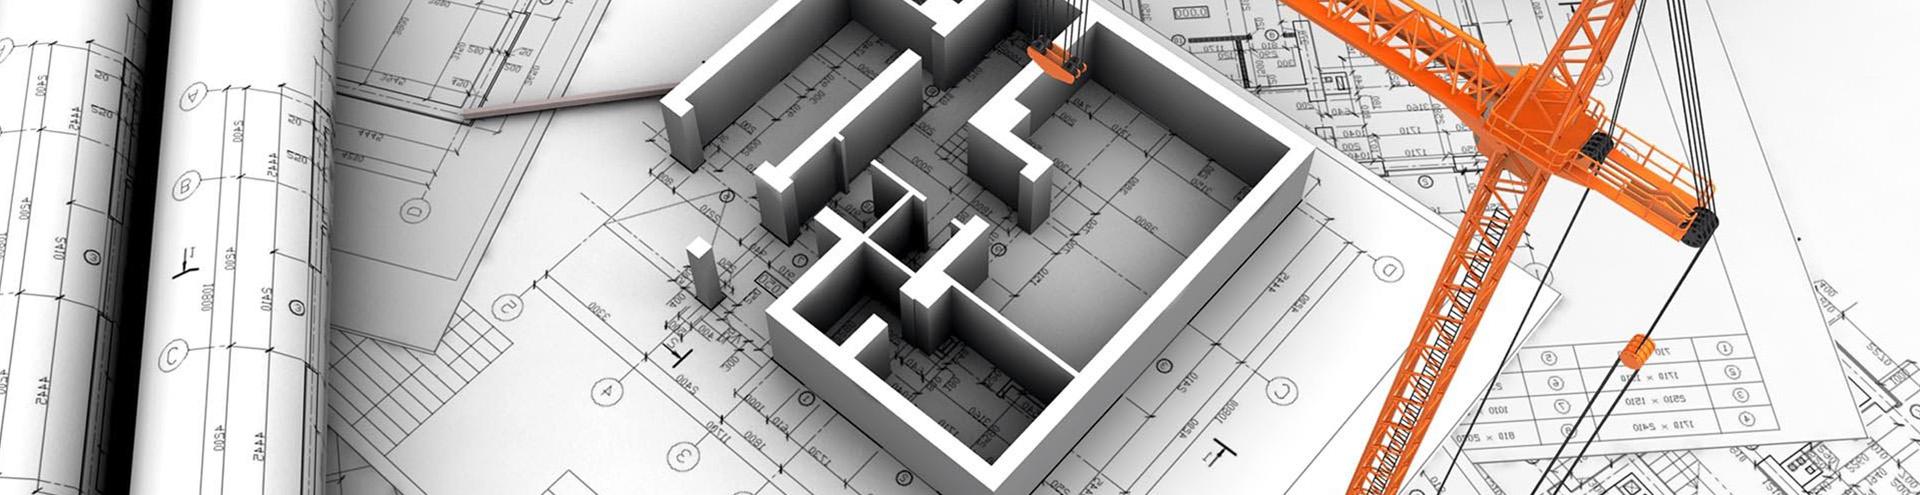 Получение разрешения на реконструкцию здания в Пензе и Пензенской области